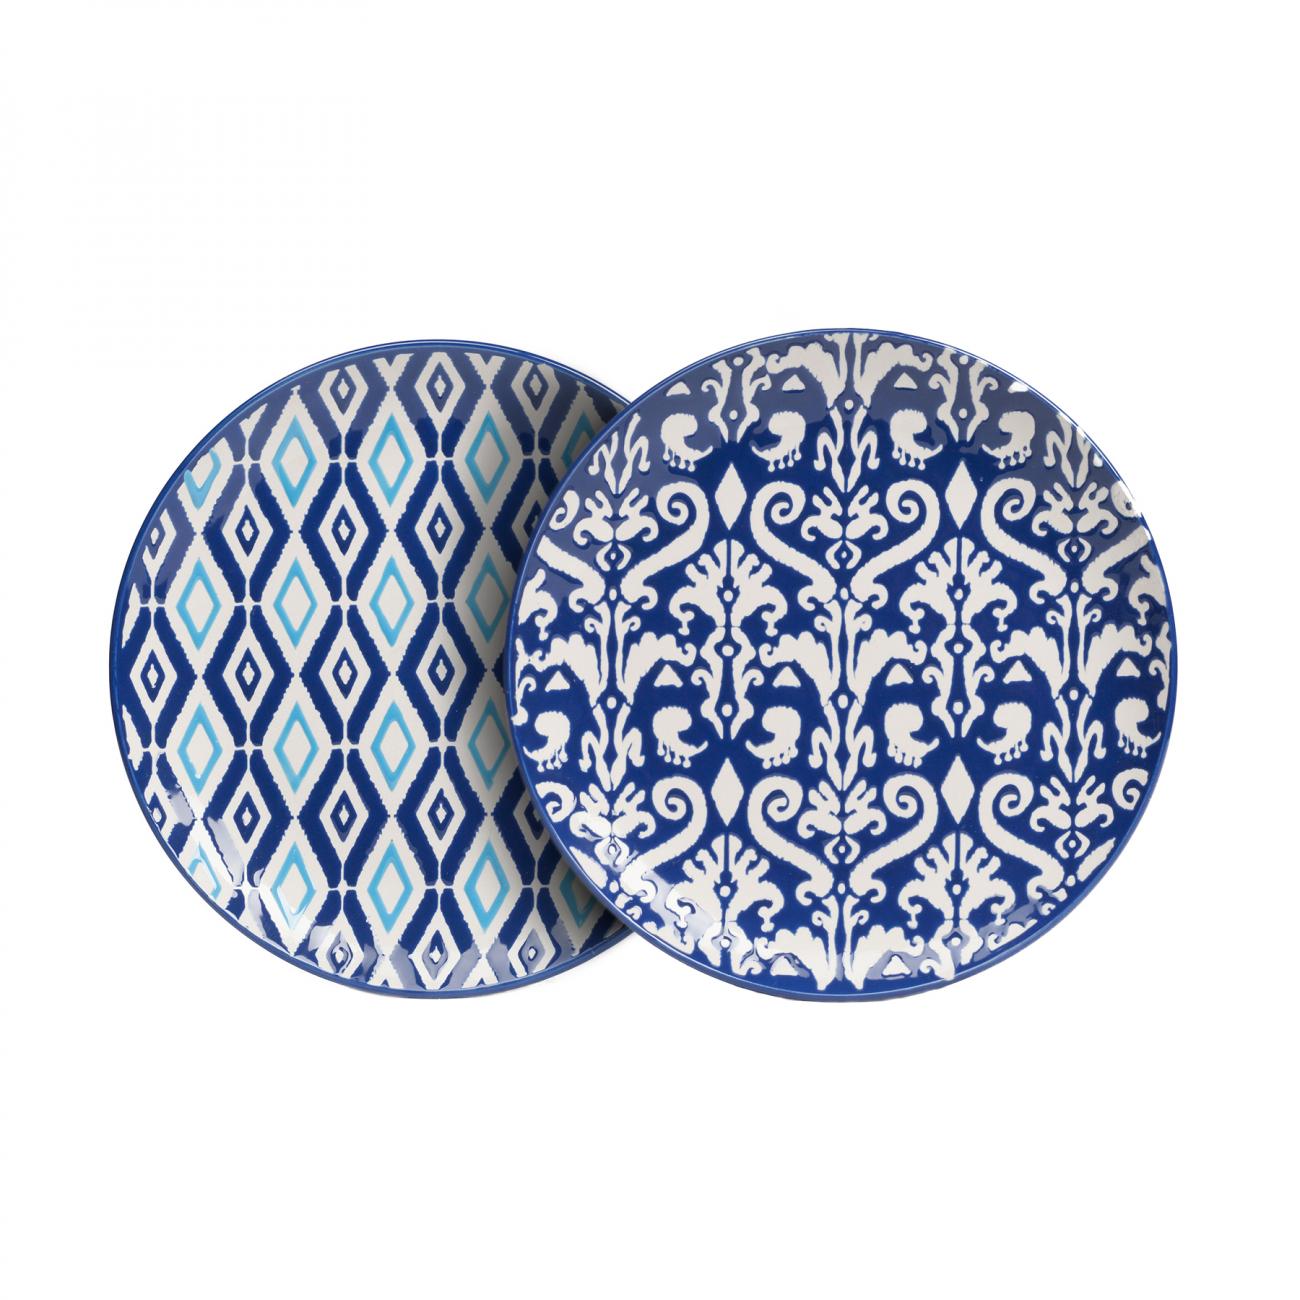 Купить Комплект тарелок Charmer в интернет магазине дизайнерской мебели и аксессуаров для дома и дачи